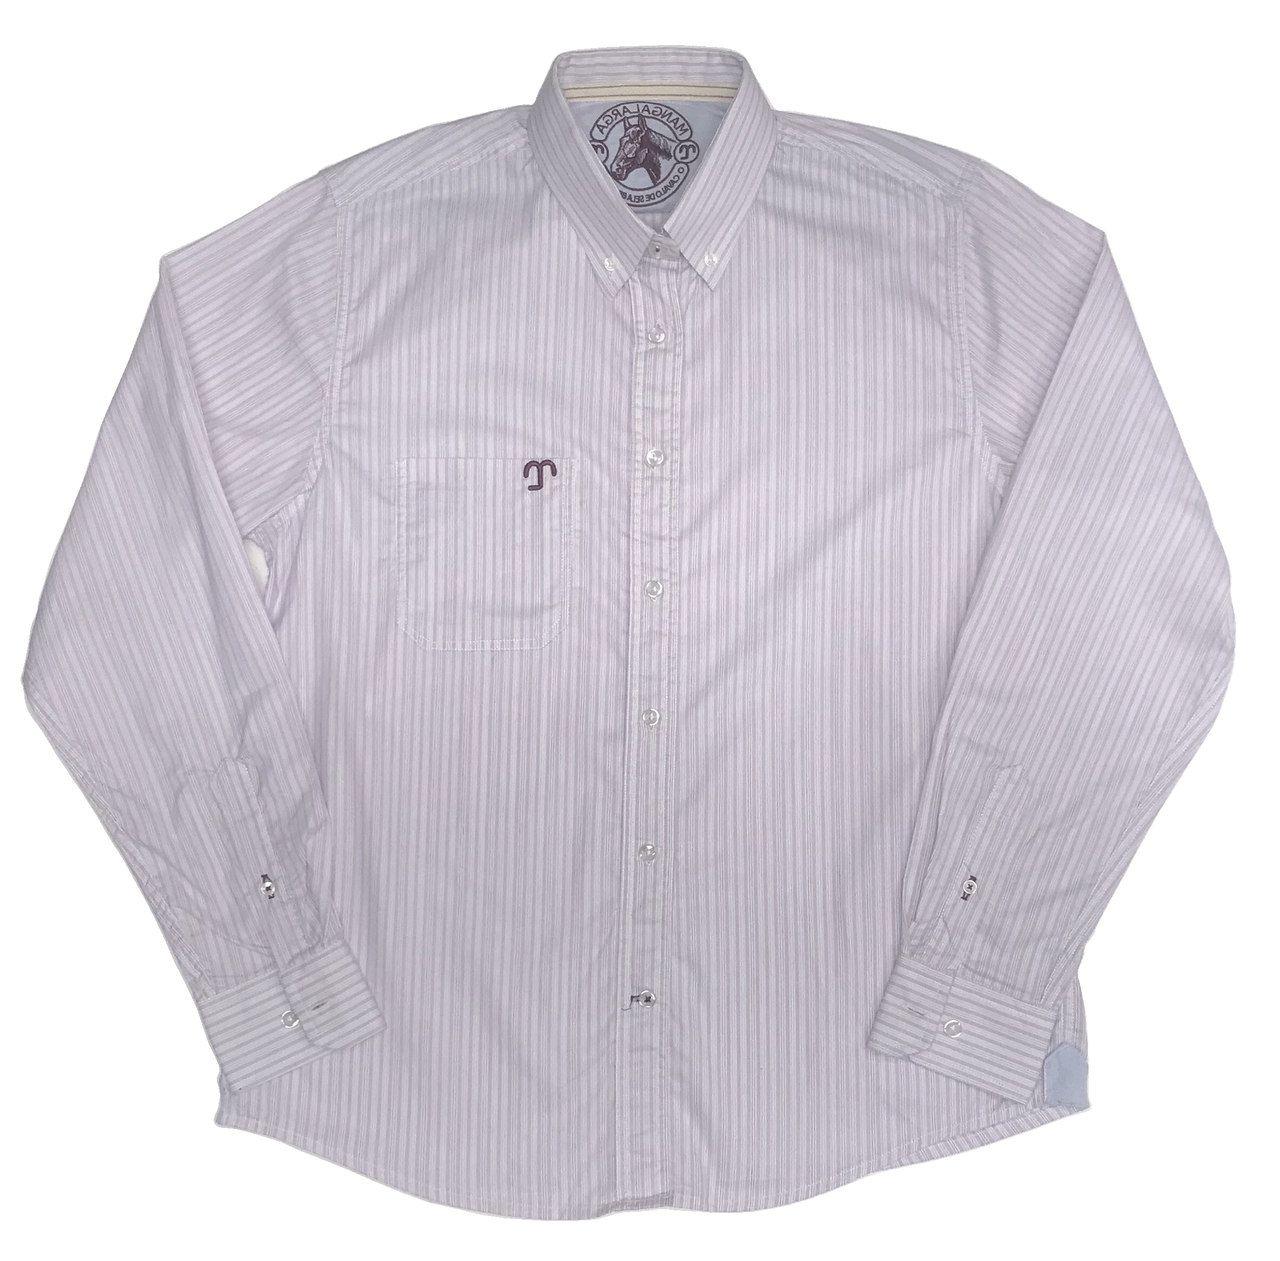 Camisa Social Masculina Listrada Rosa  - Boutique Mangalarga